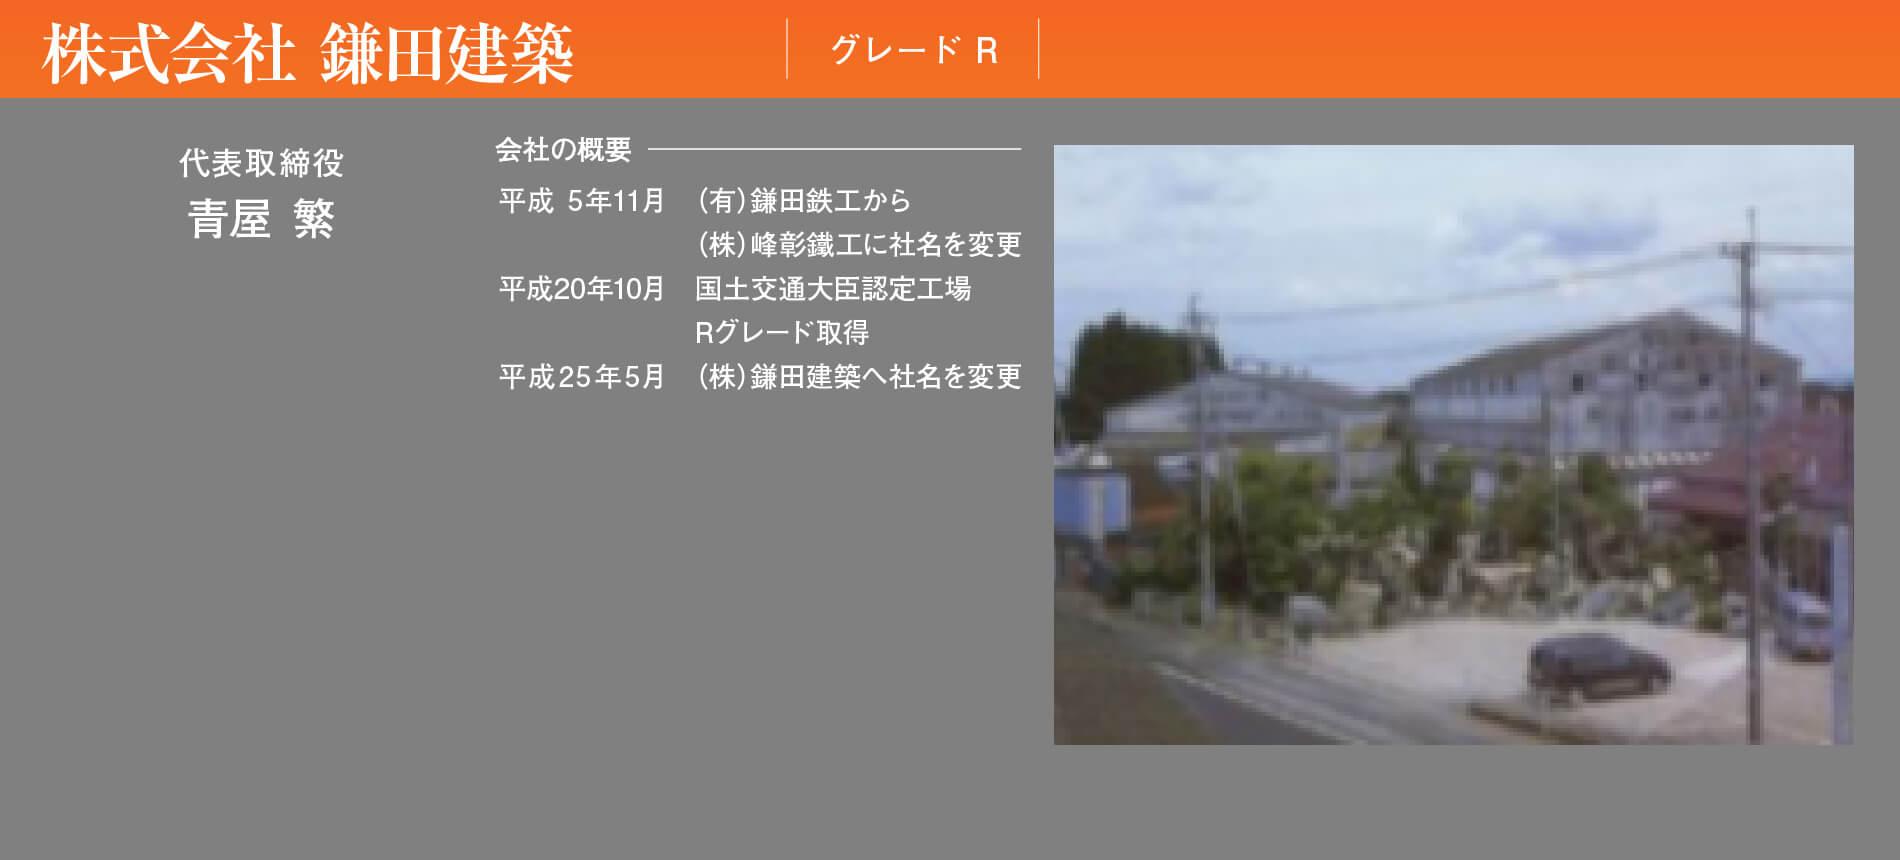 union-member_kamata-kenchiku